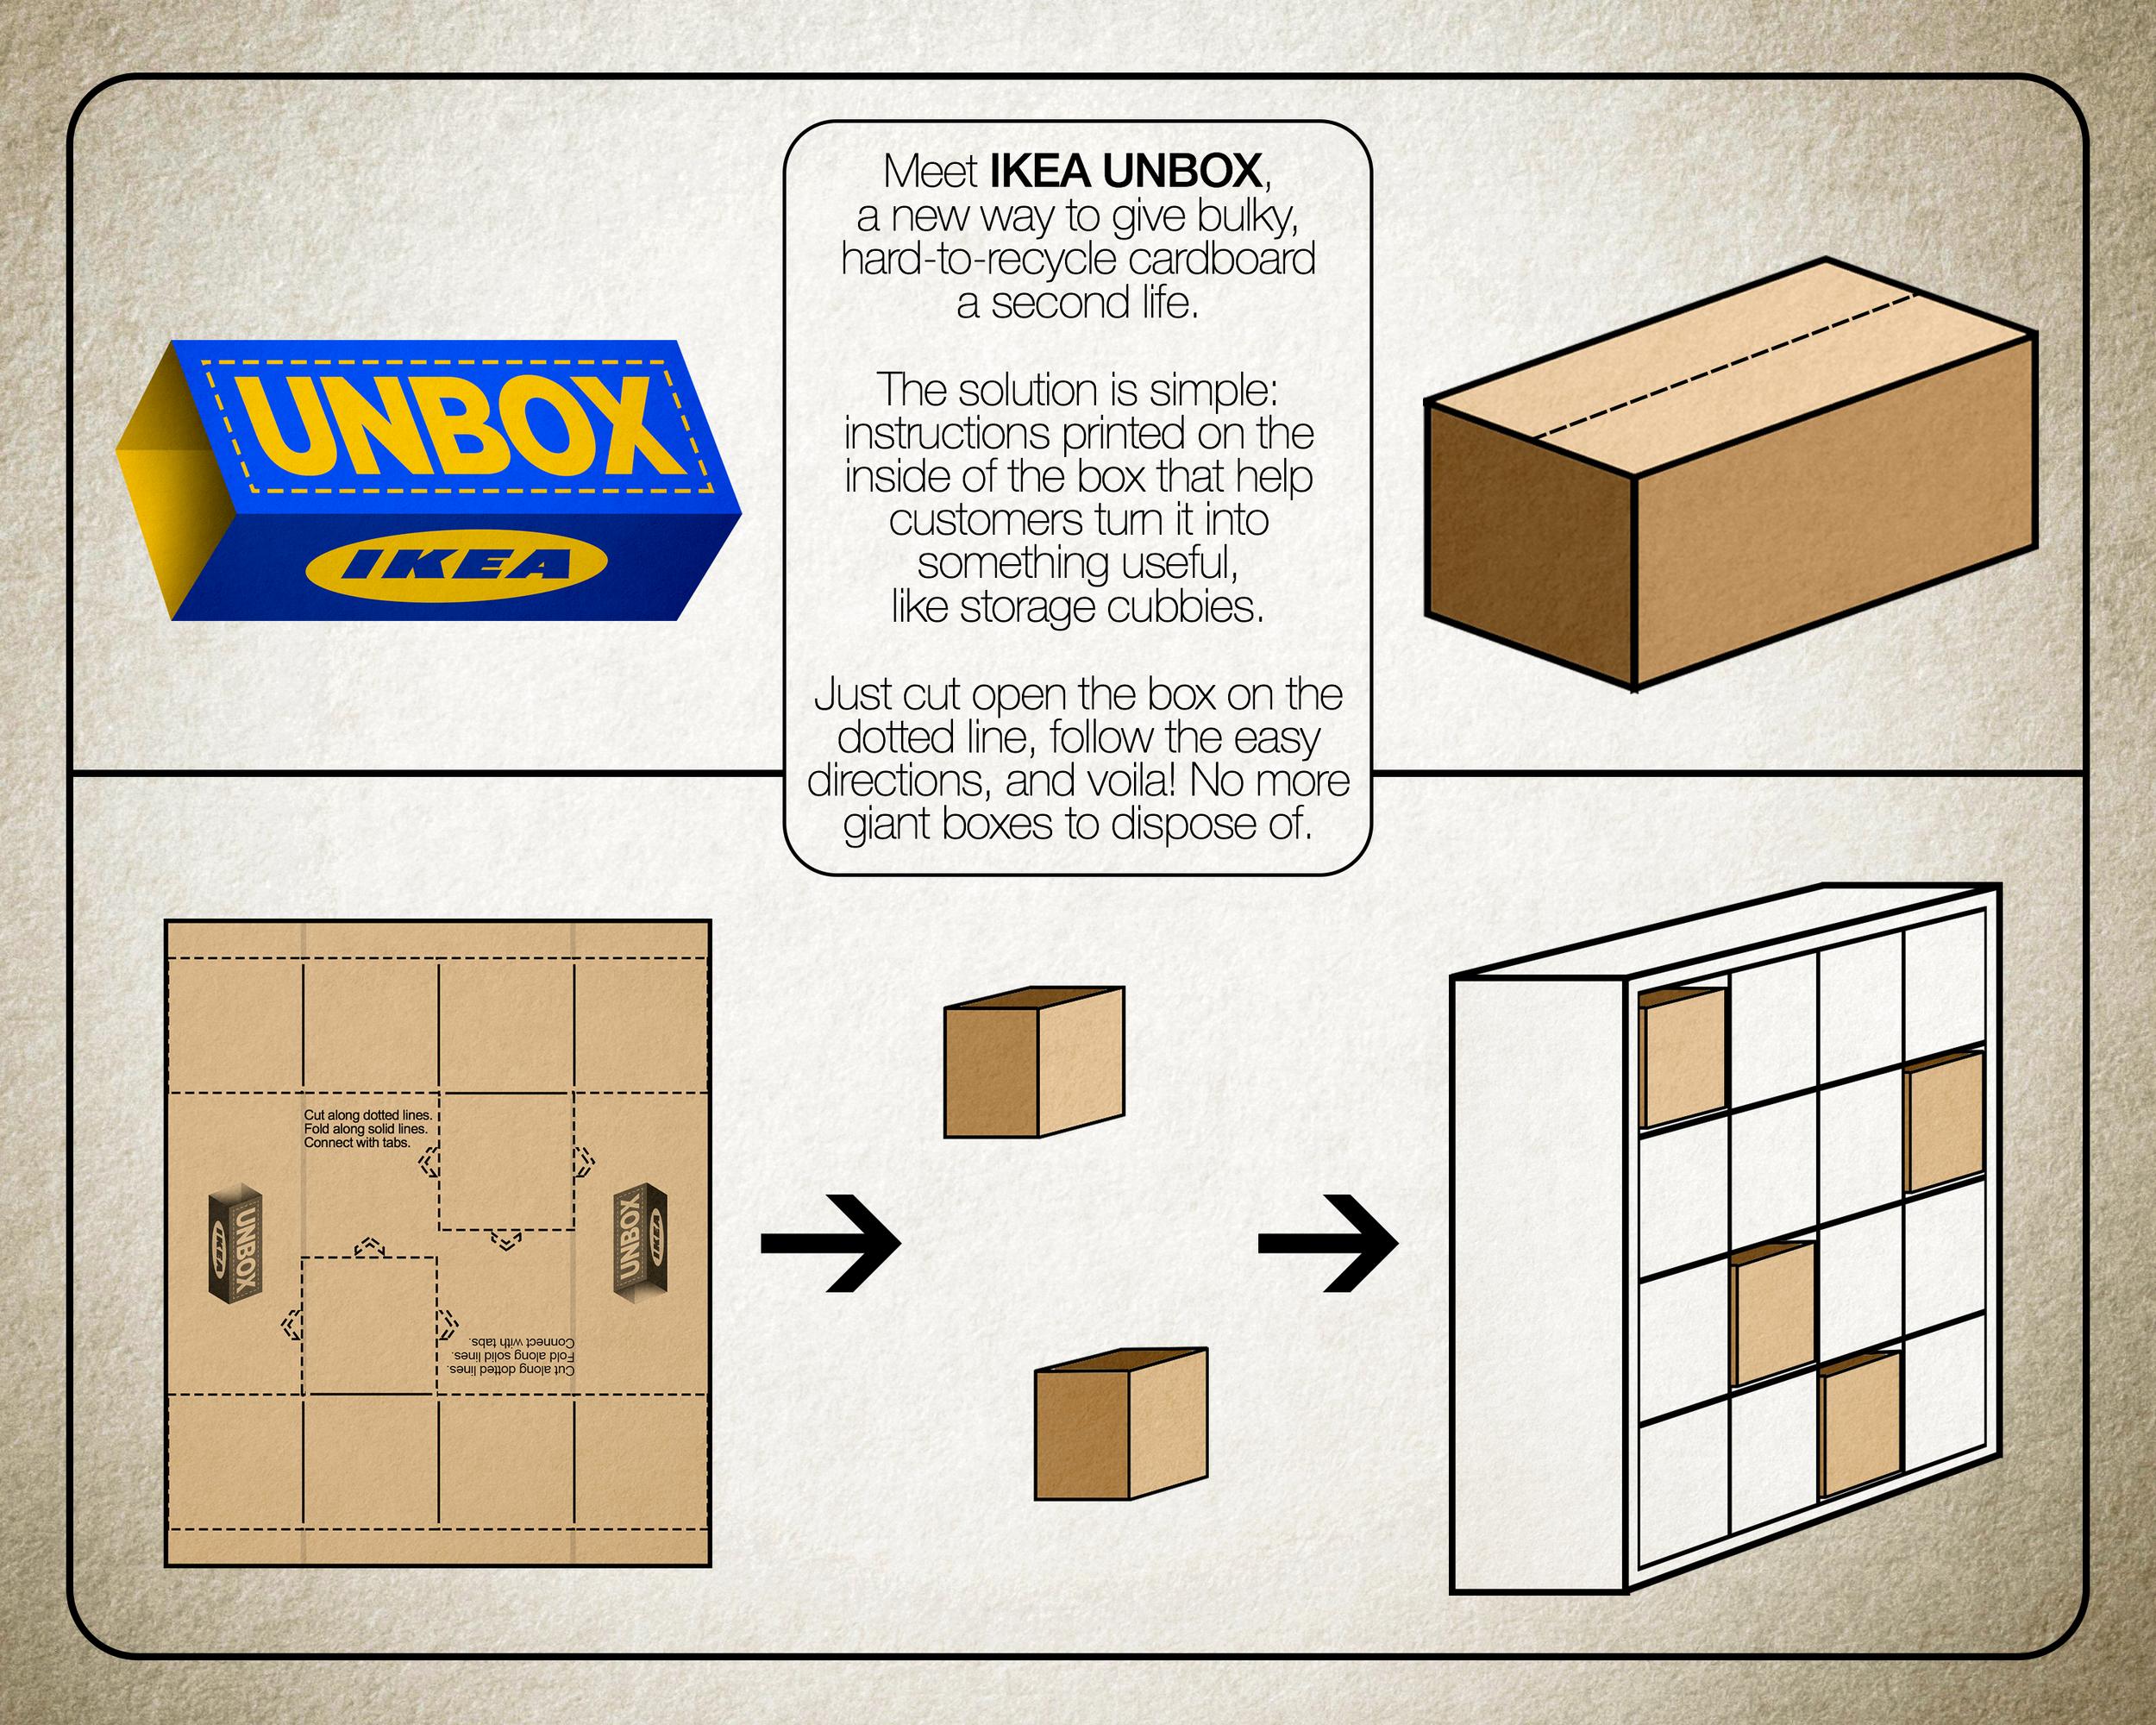 Ryan Sheehy IKEA Unbox Case Board